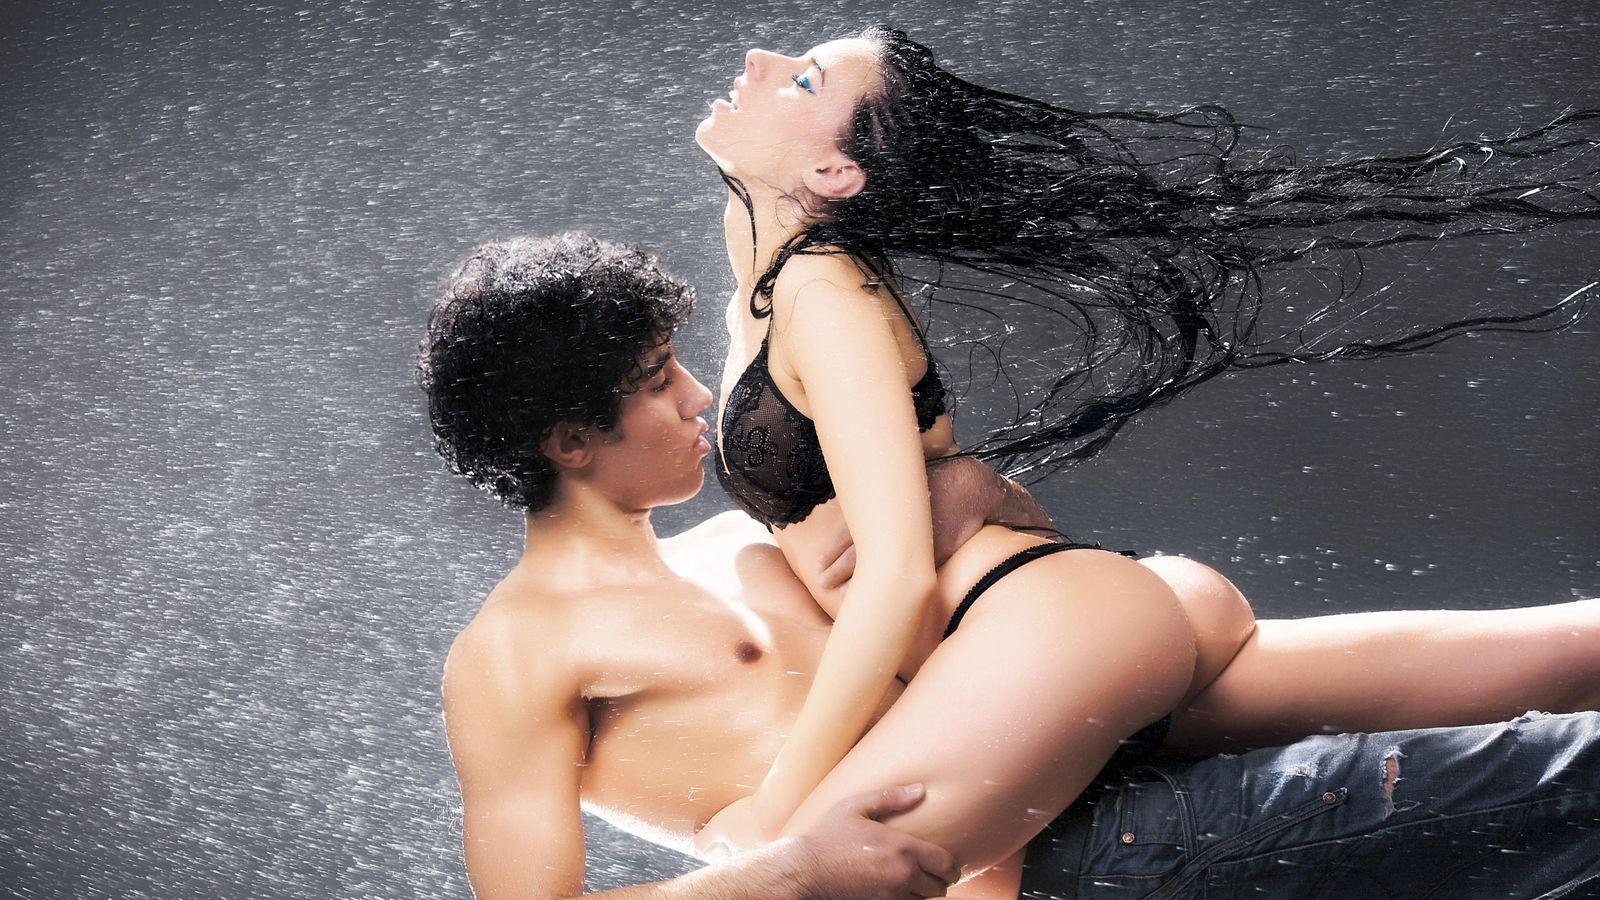 Foto: El coito no lo es todo, y debemos entender cuanto antes que el sexo tiene muchas variantes posibles. (iStock)